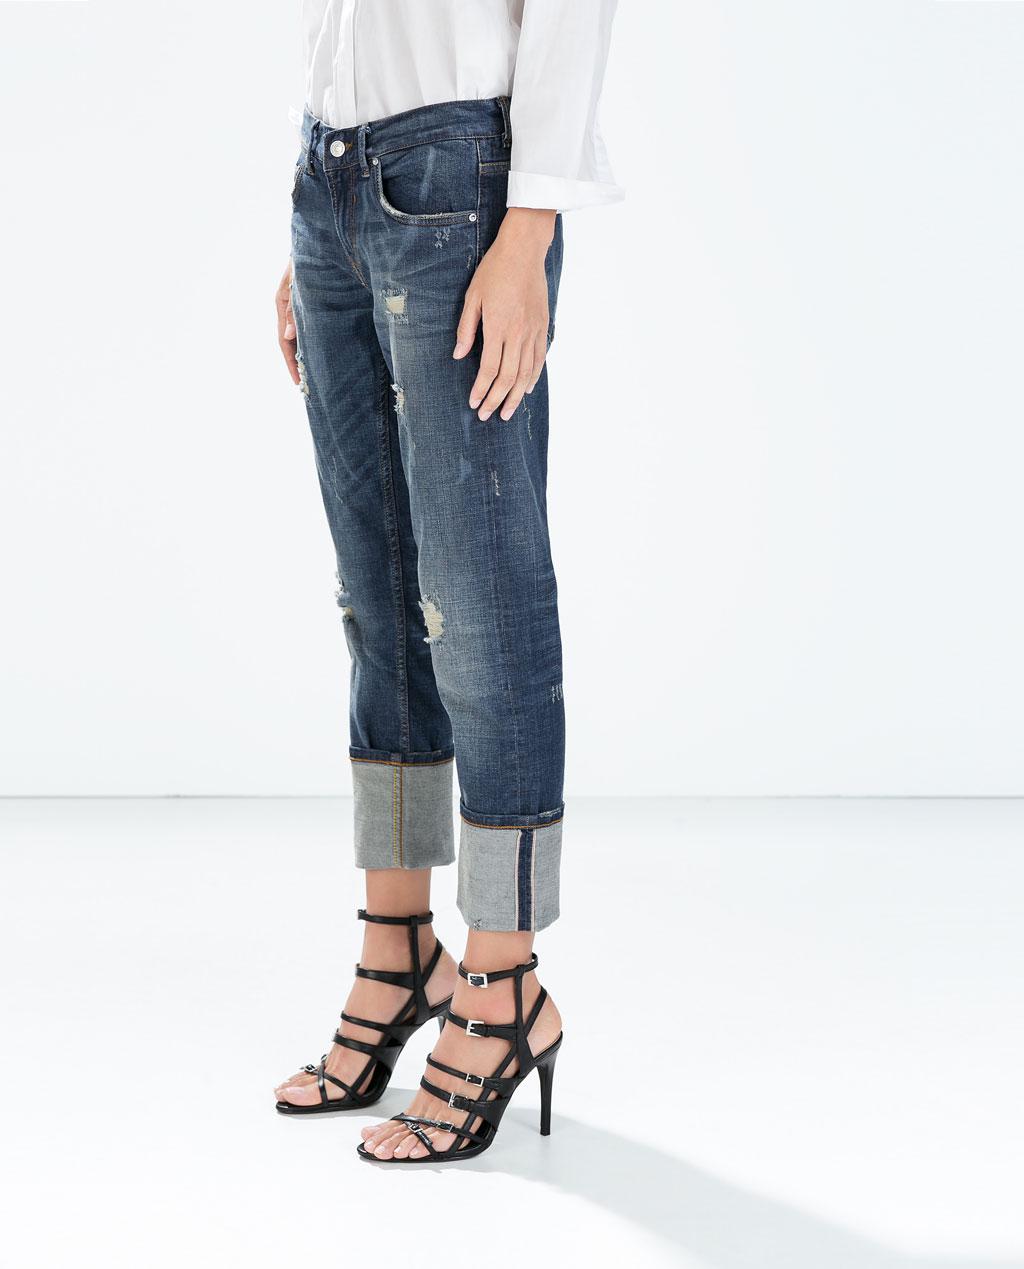 http://www.zara.com/es/es/mujer/jeans/pantal%C3%B3n-denim-cigarette-selvedge-c271007p2229015.html